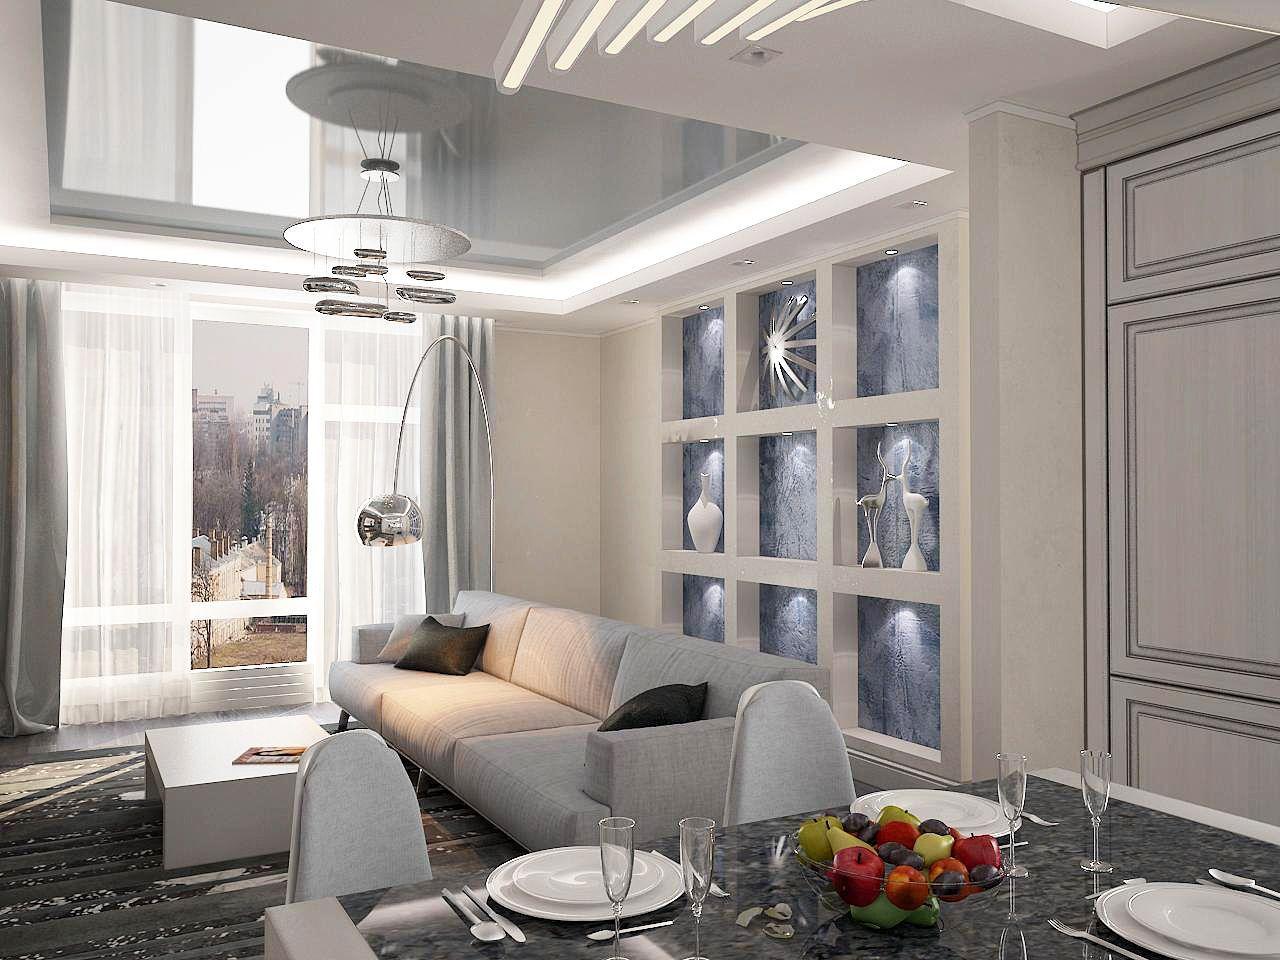 Дизайн нтерьера гостинной Киев ЖК Липинка, декрп на стенах с подсветкой, ниши